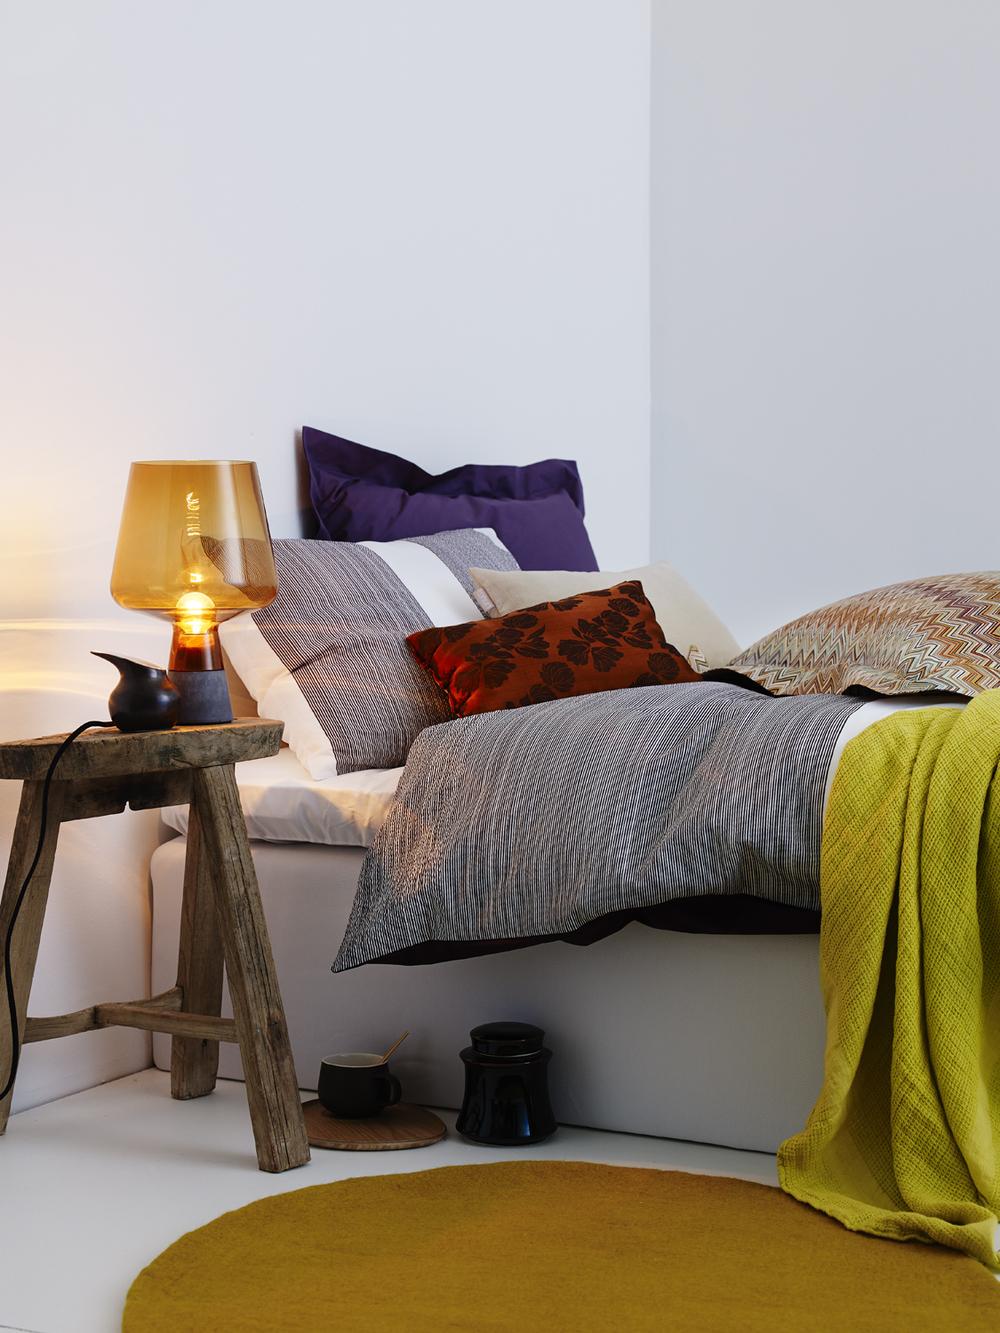 Elle decoration filippa egnell for Elle decoration bed linen